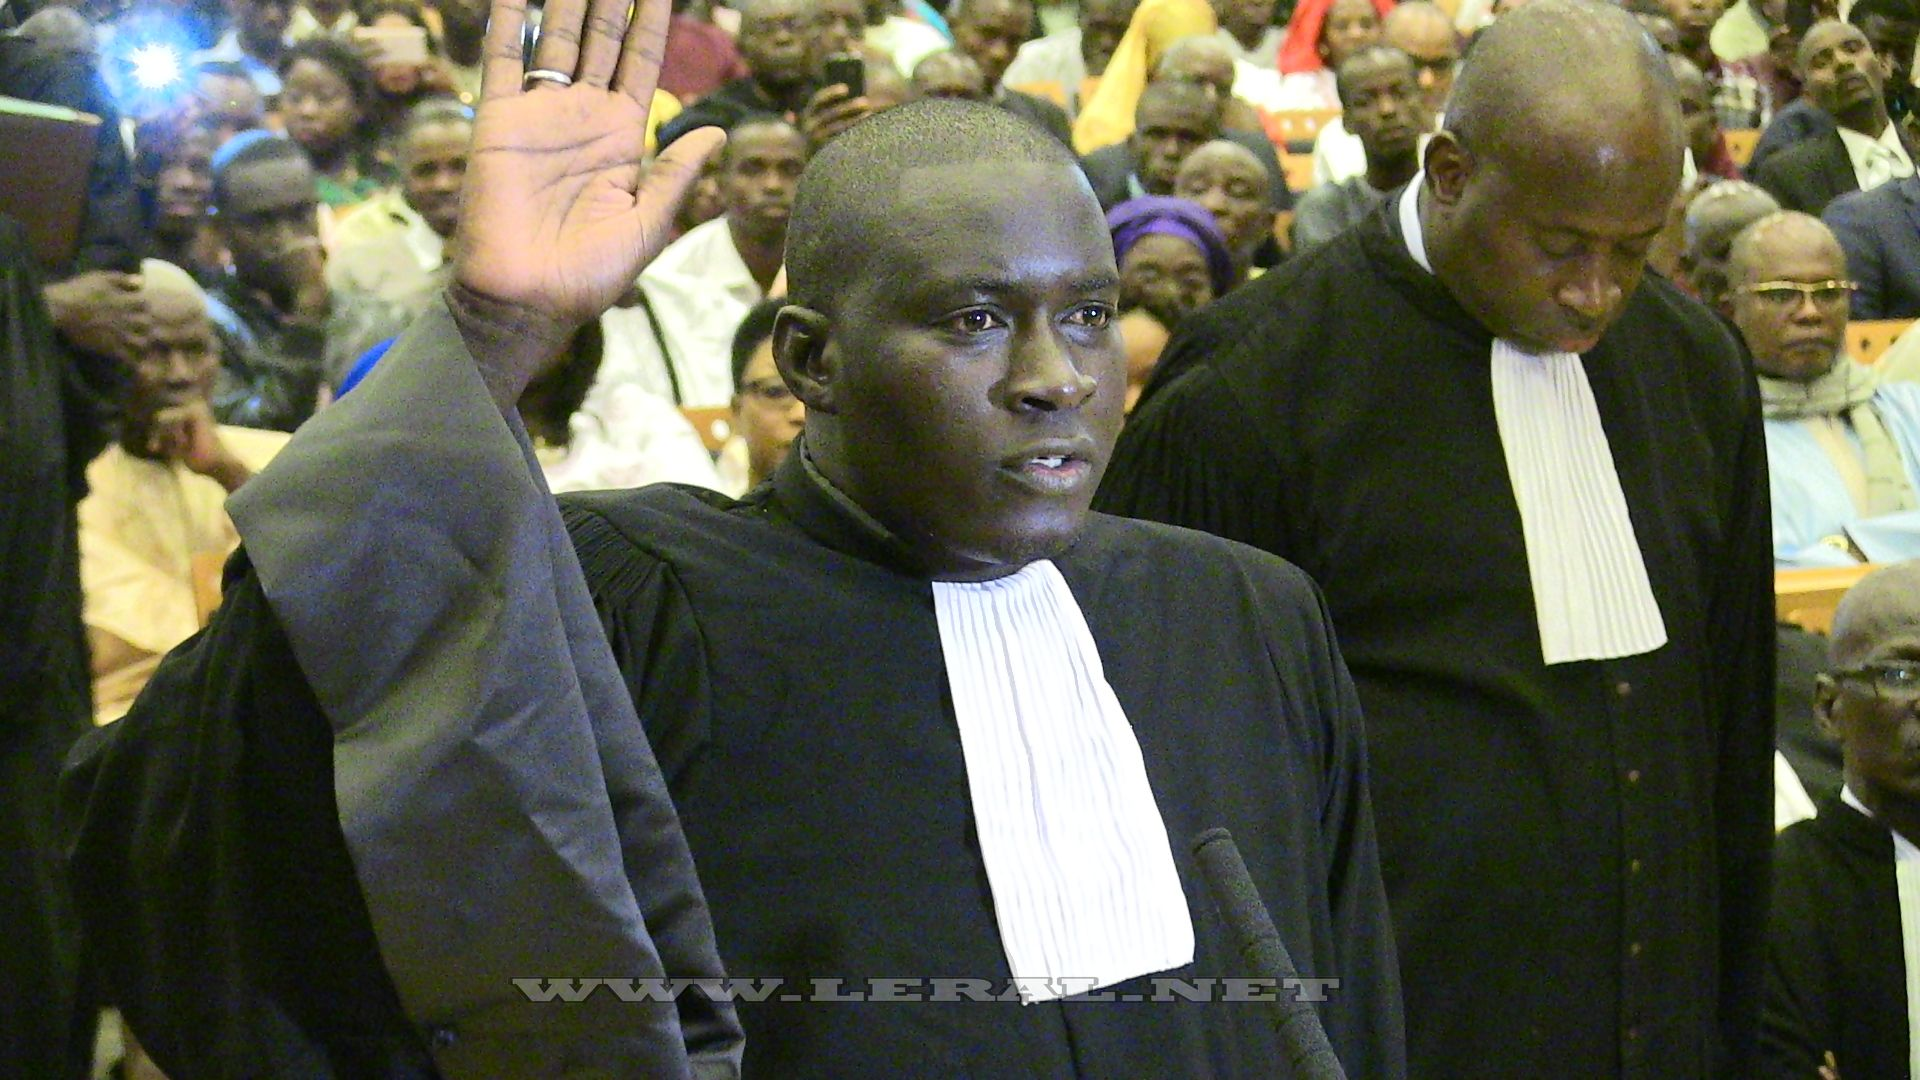 Photos : Cérémonie de prestation de serment des nouveaux avocats